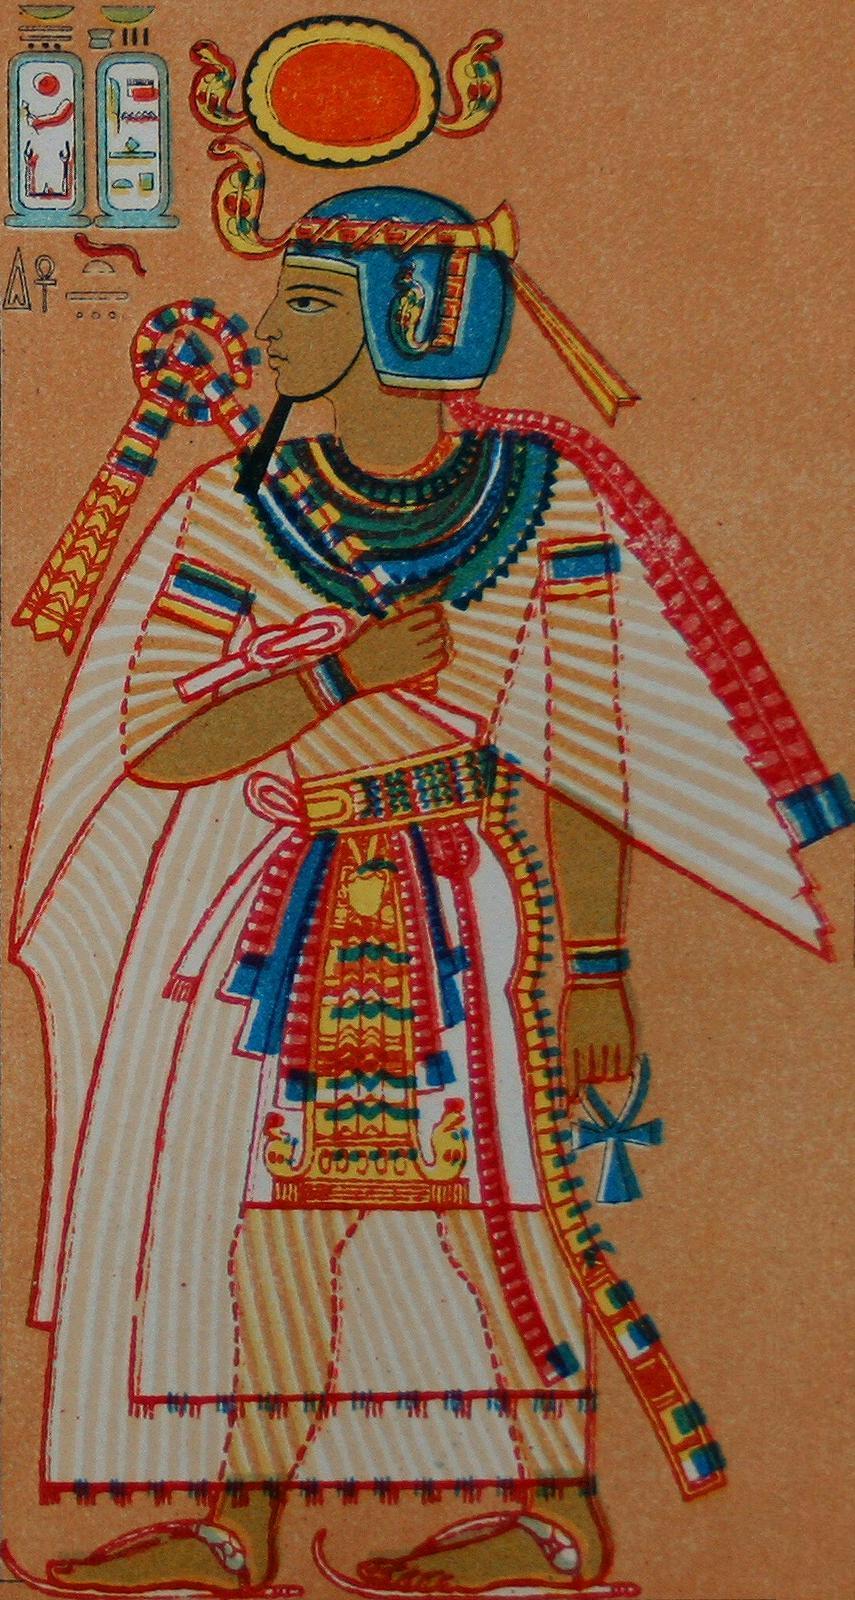 超古代ミステリー4:ヒエログリフの謎「神聖文字か神代文字か?」_e0171614_18473212.jpg